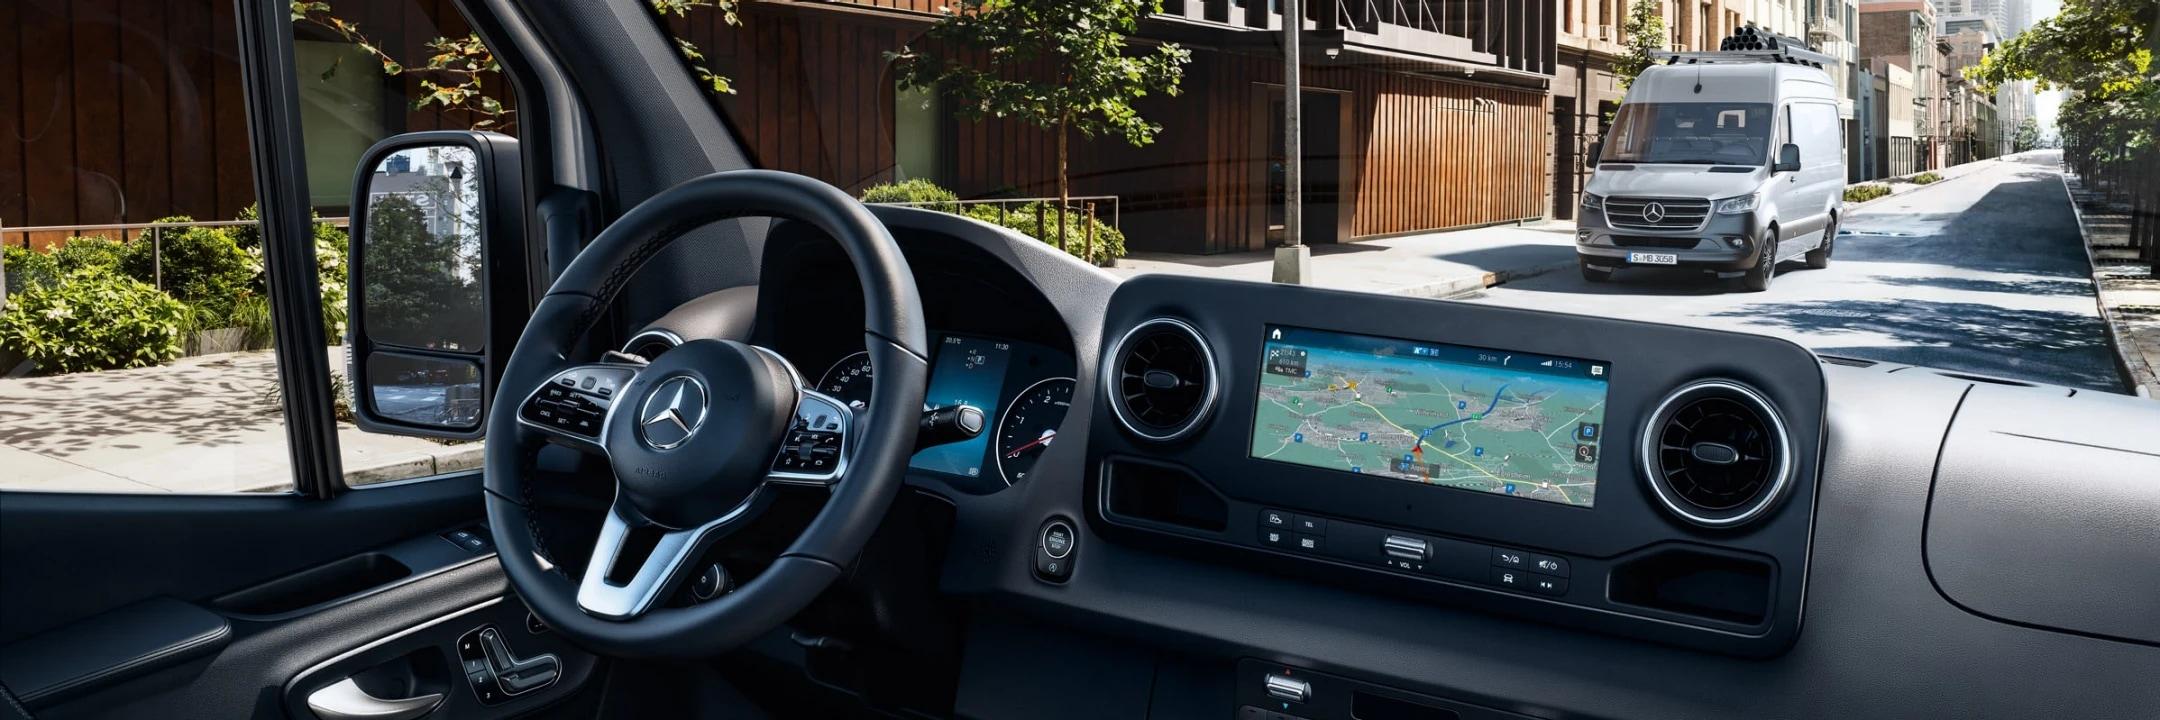 Новий Sprinter, інтер'єр, передня панель з навігацією на жорсткому диску